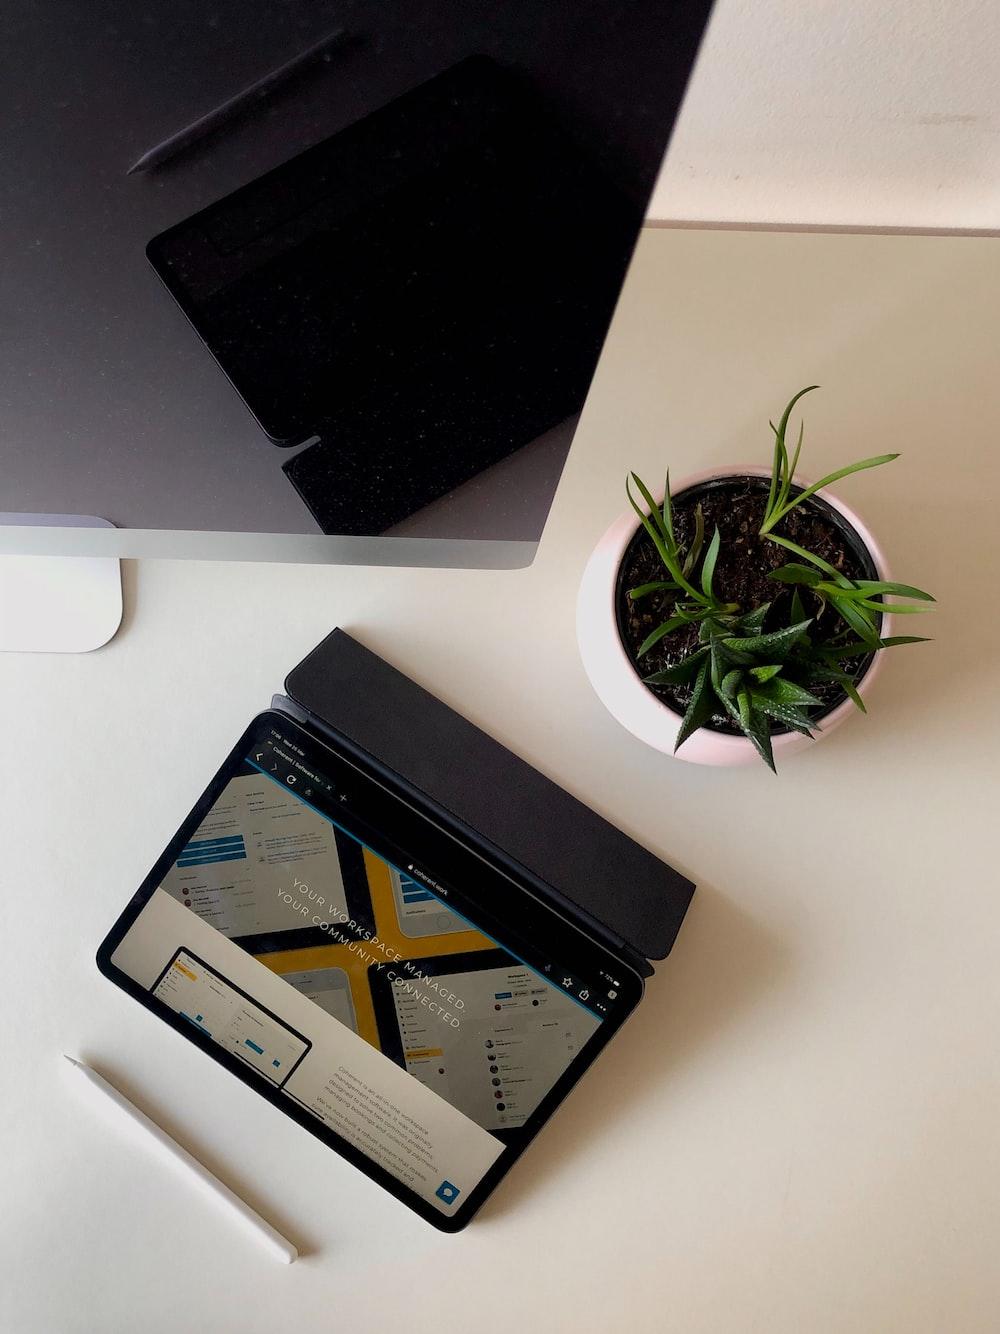 black ipad on white table